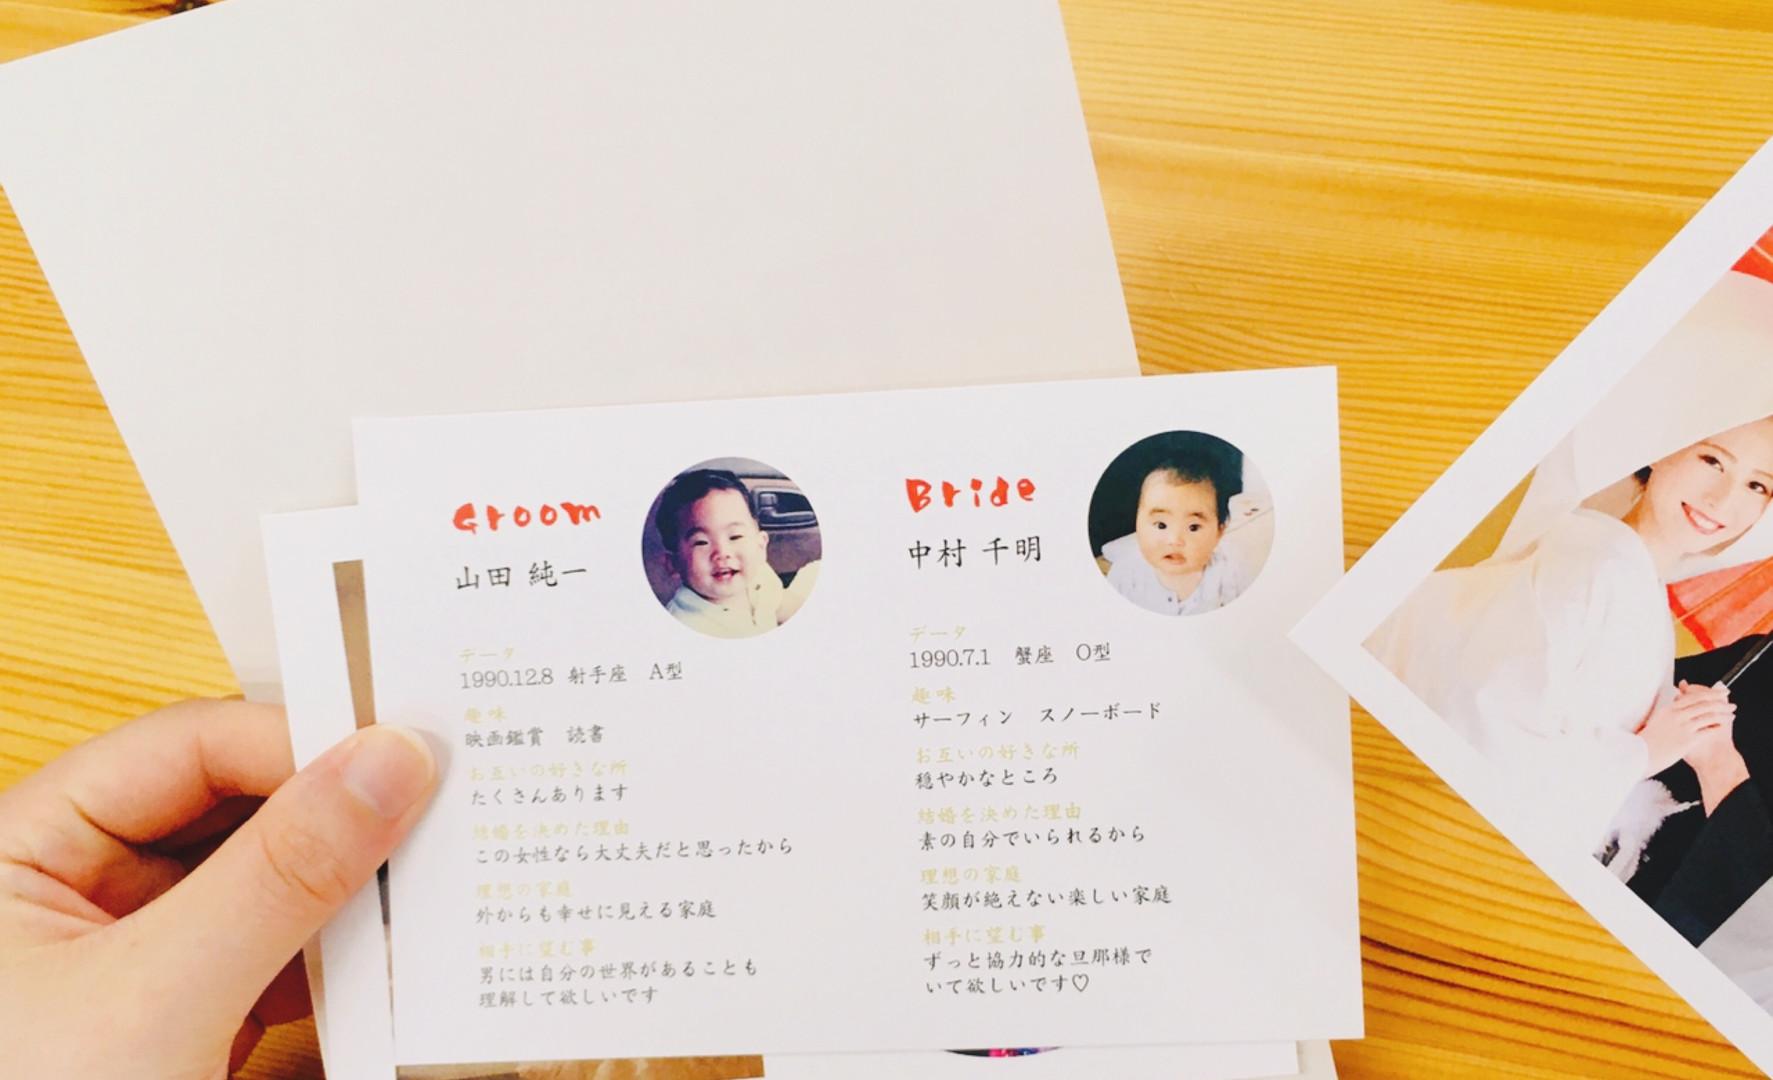 手持ち Just married デザイン9-C-4.jpg